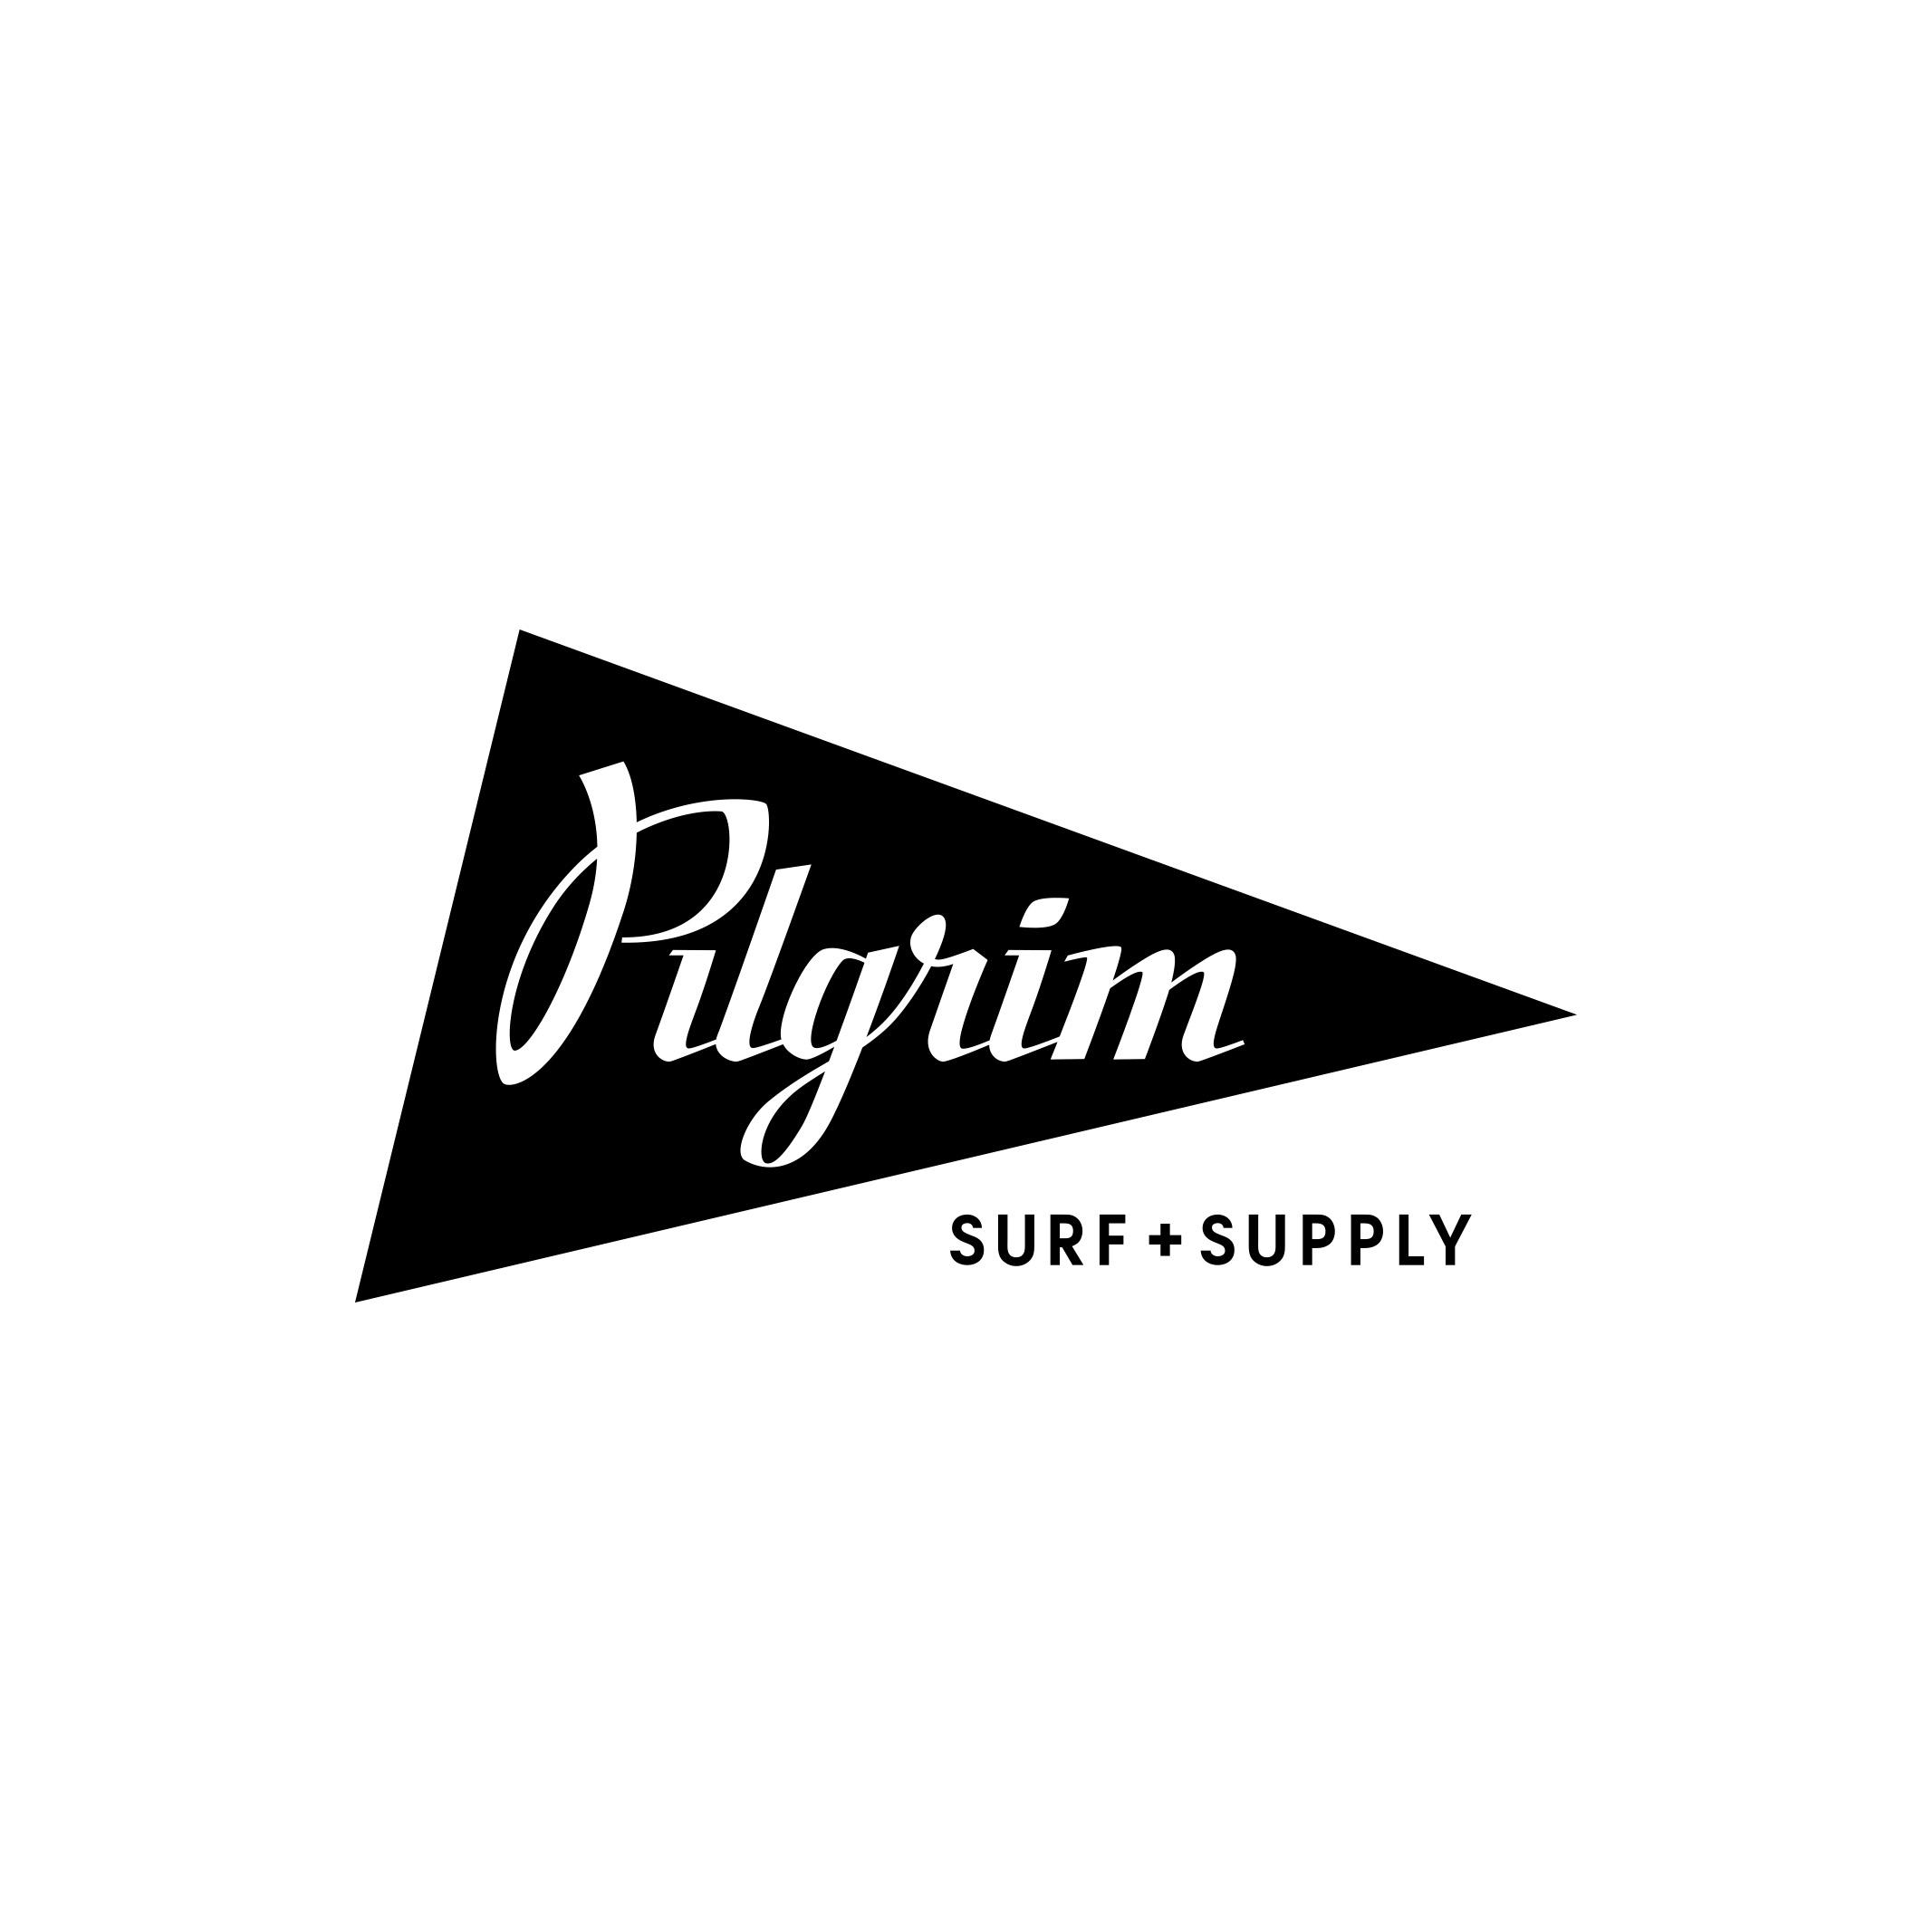 はじめまして。ピルグリム サーフ+サプライです!